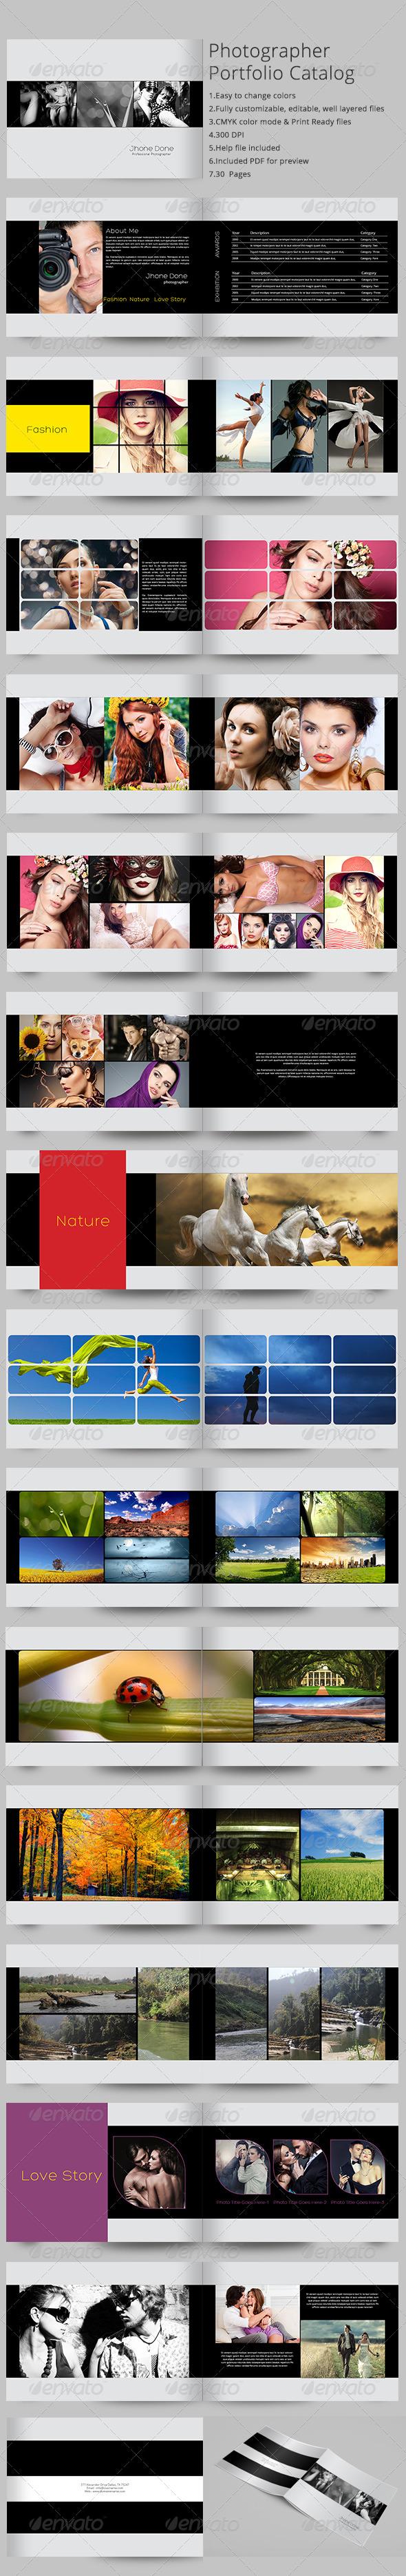 Photographer Portfolio Catalog - Portfolio Brochures